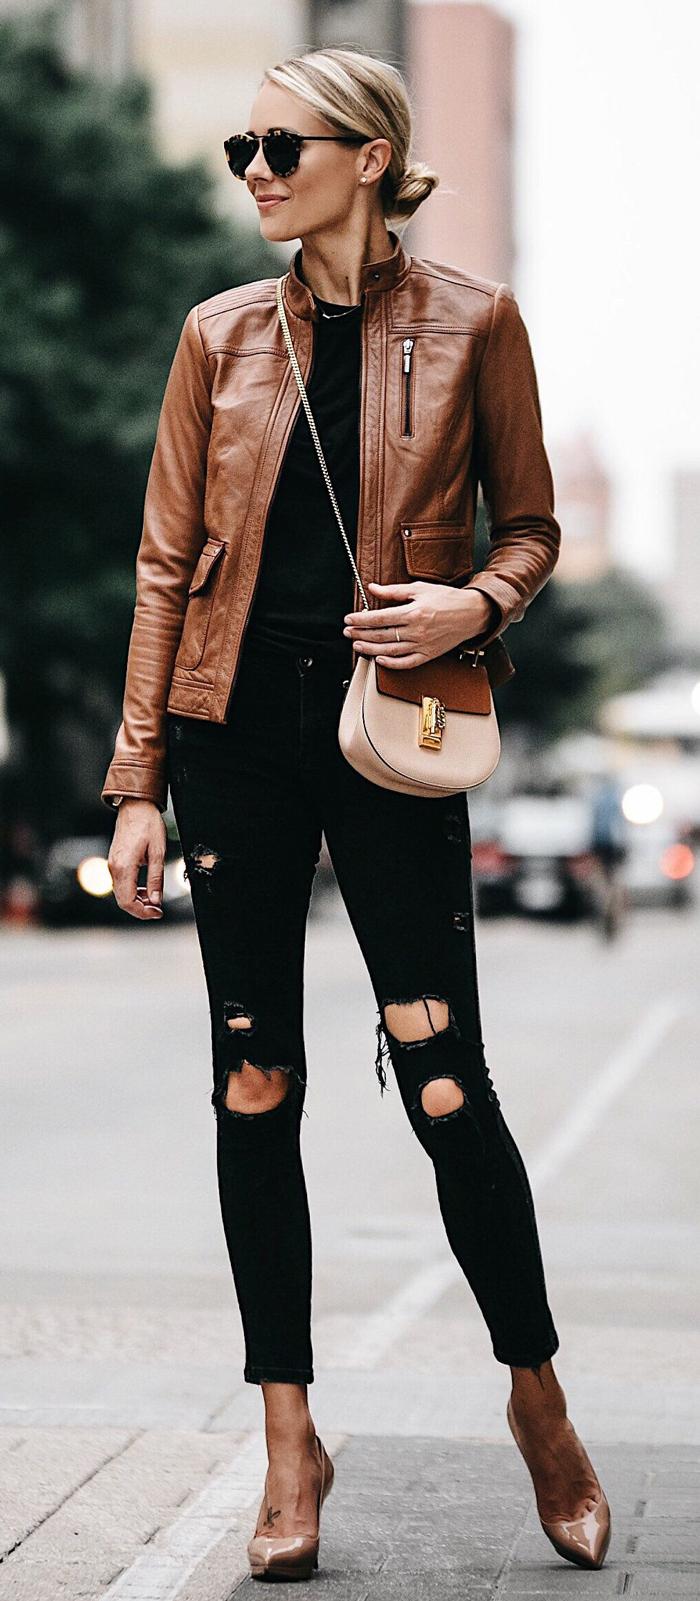 С чем носить кожаную куртку осенью (более 50 фото)